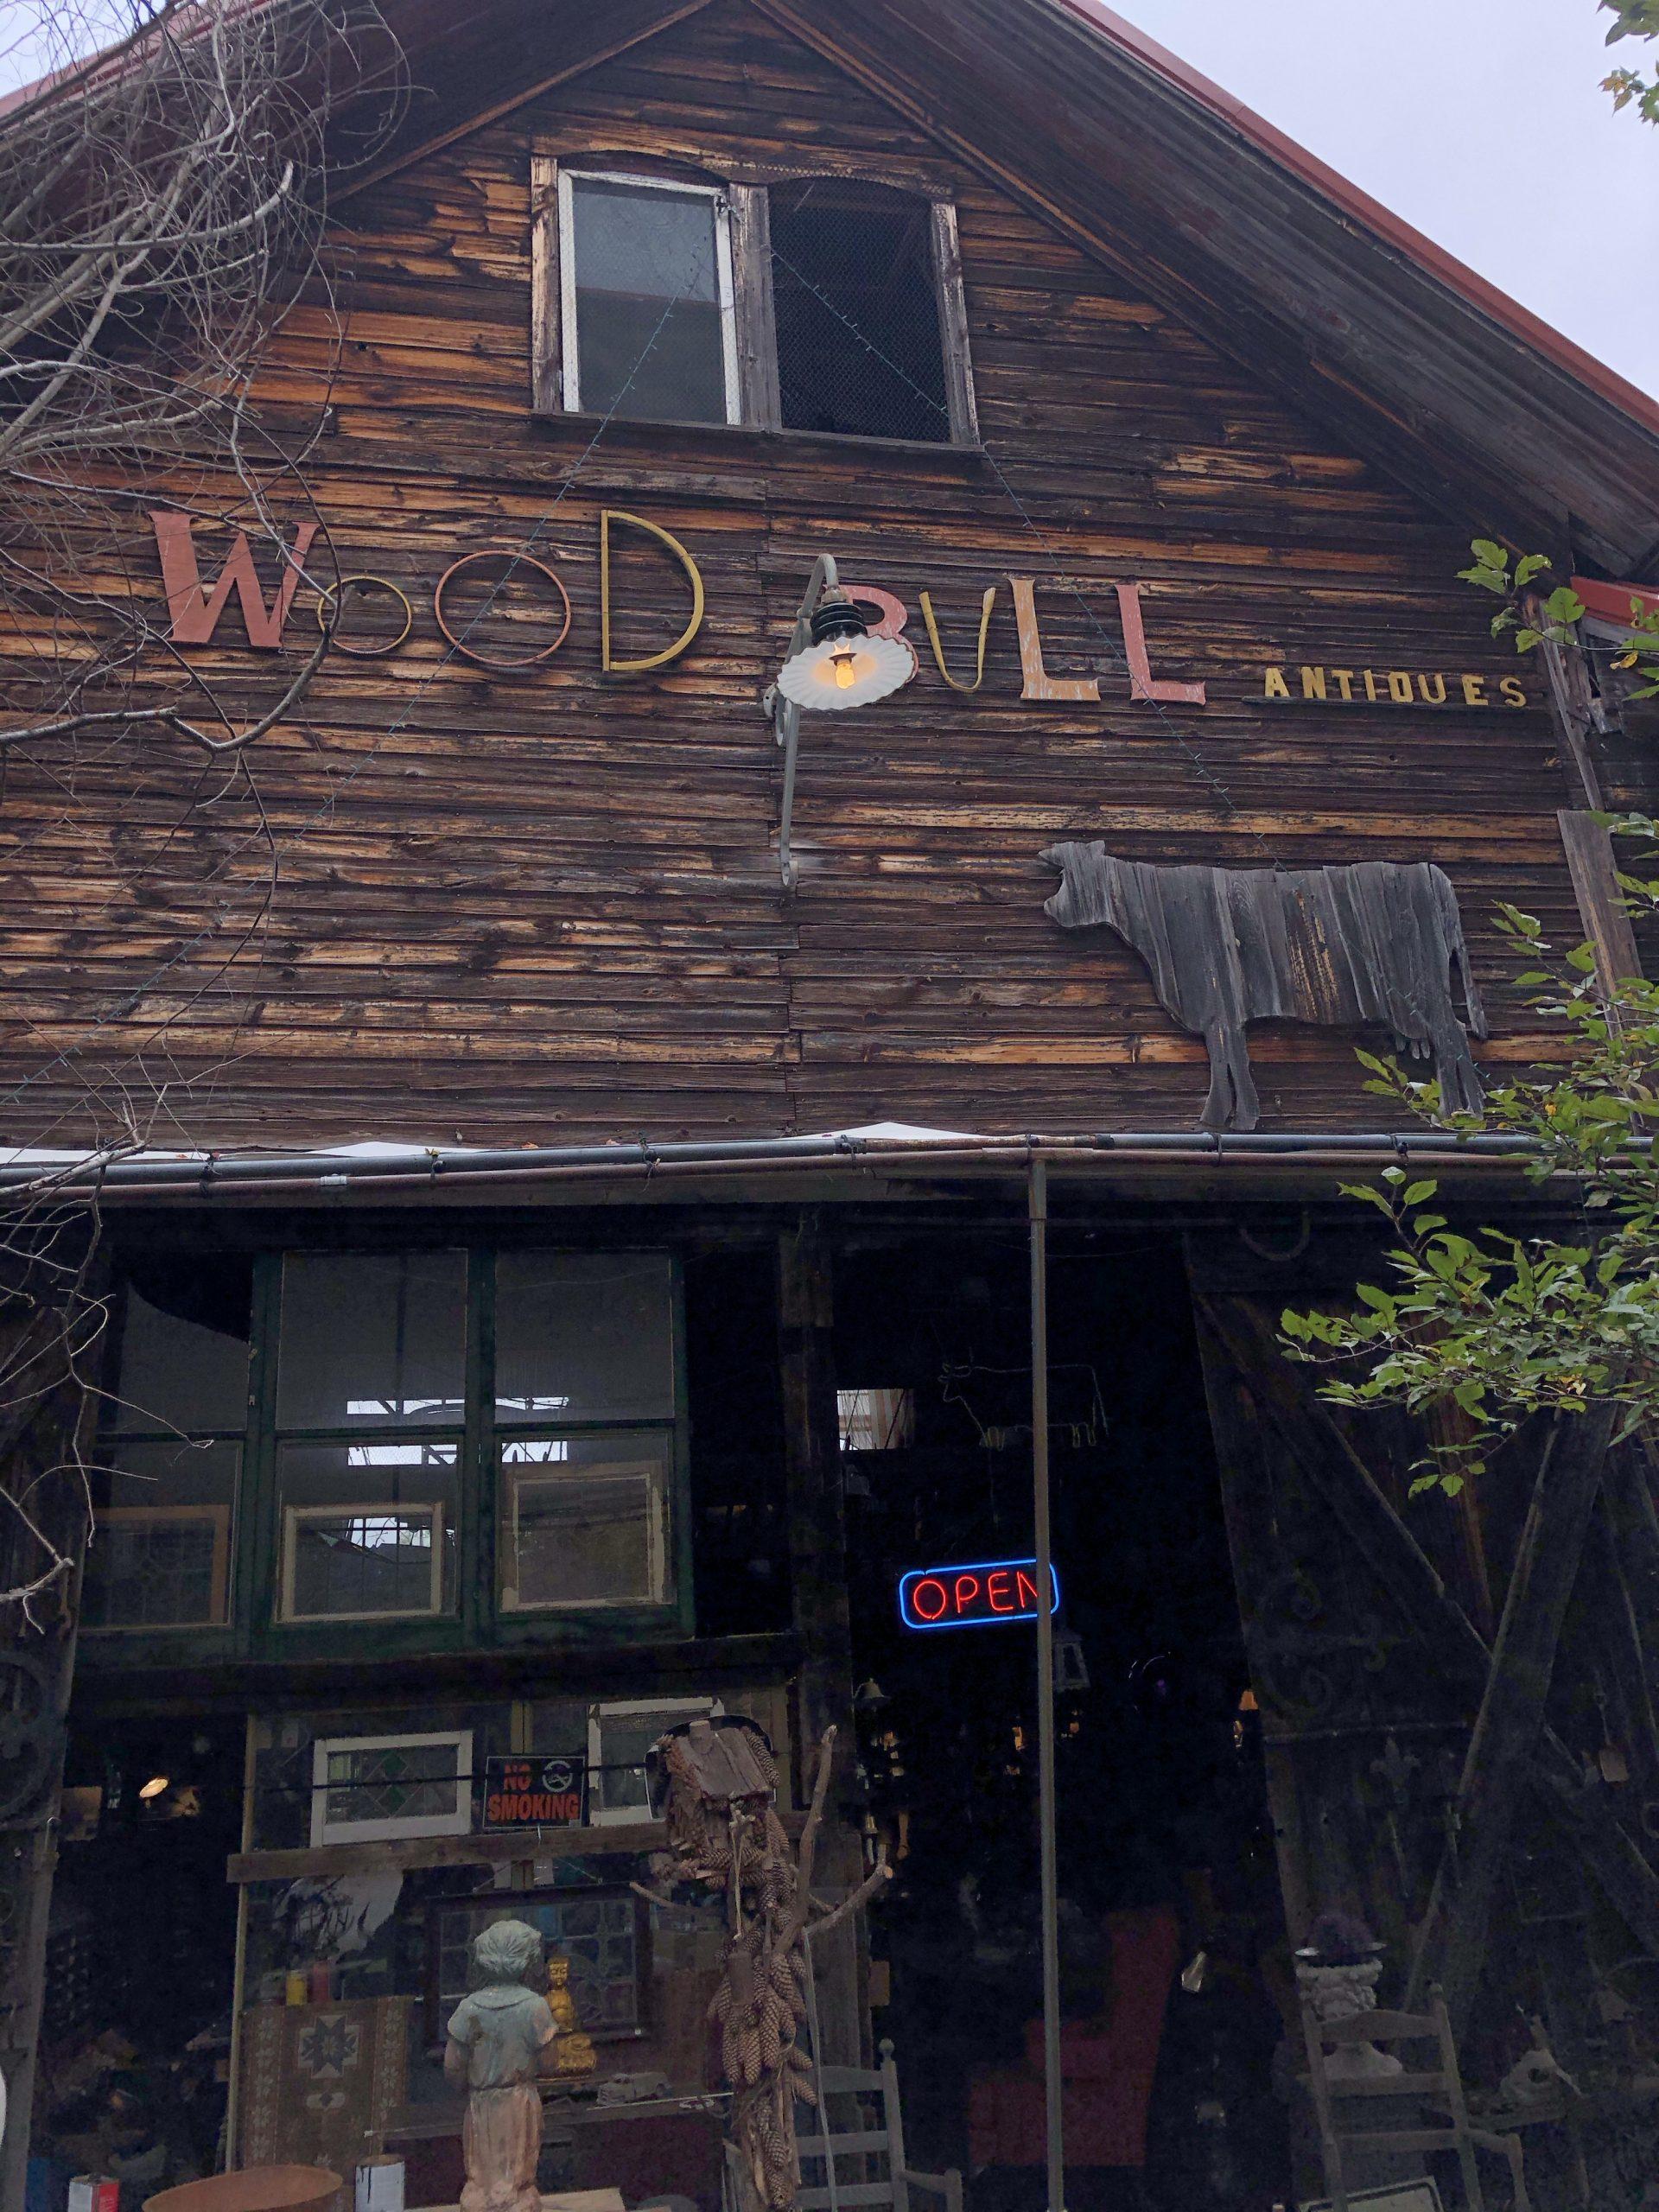 Wood Bull Antiques